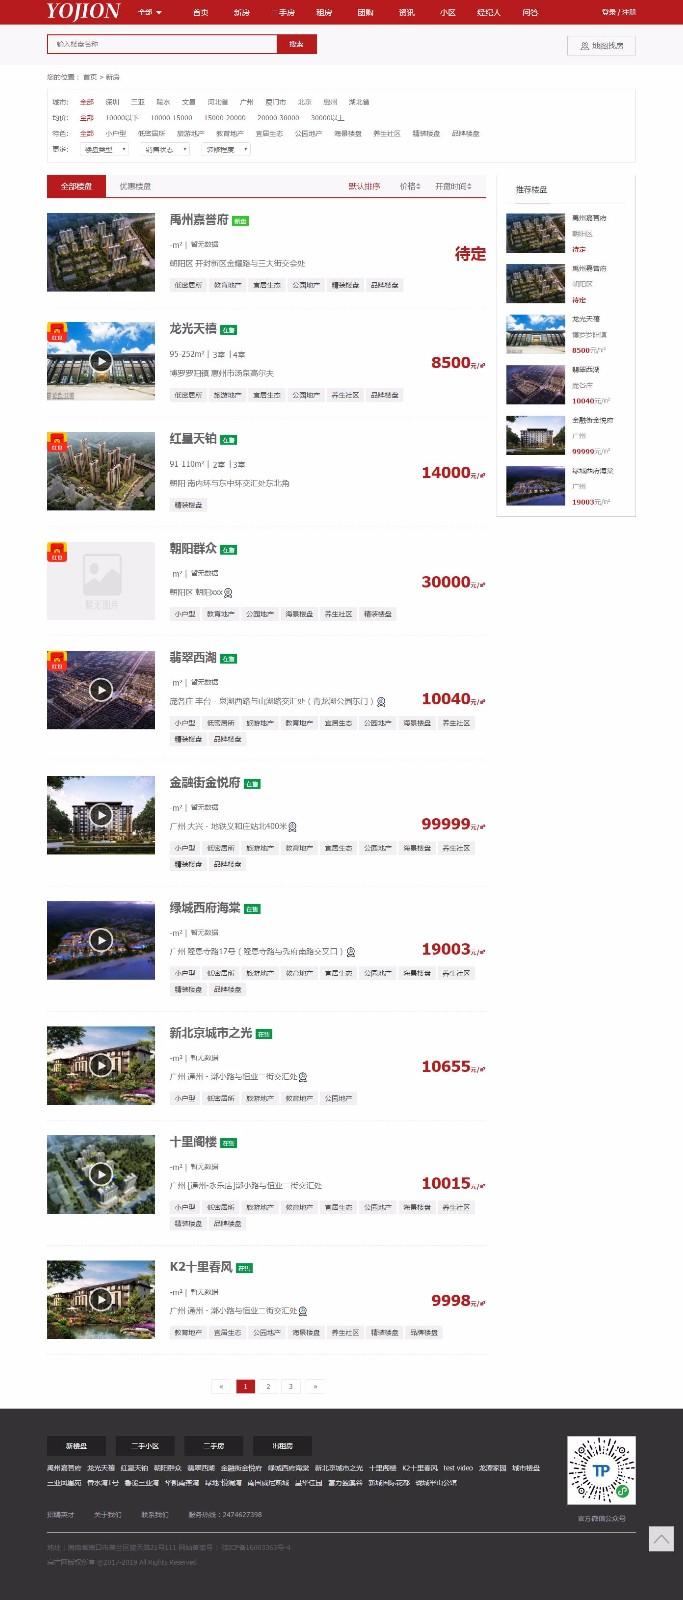 开源TPfang房产程序源码 地方房产系统+多城市房产房市营销推广系统源码